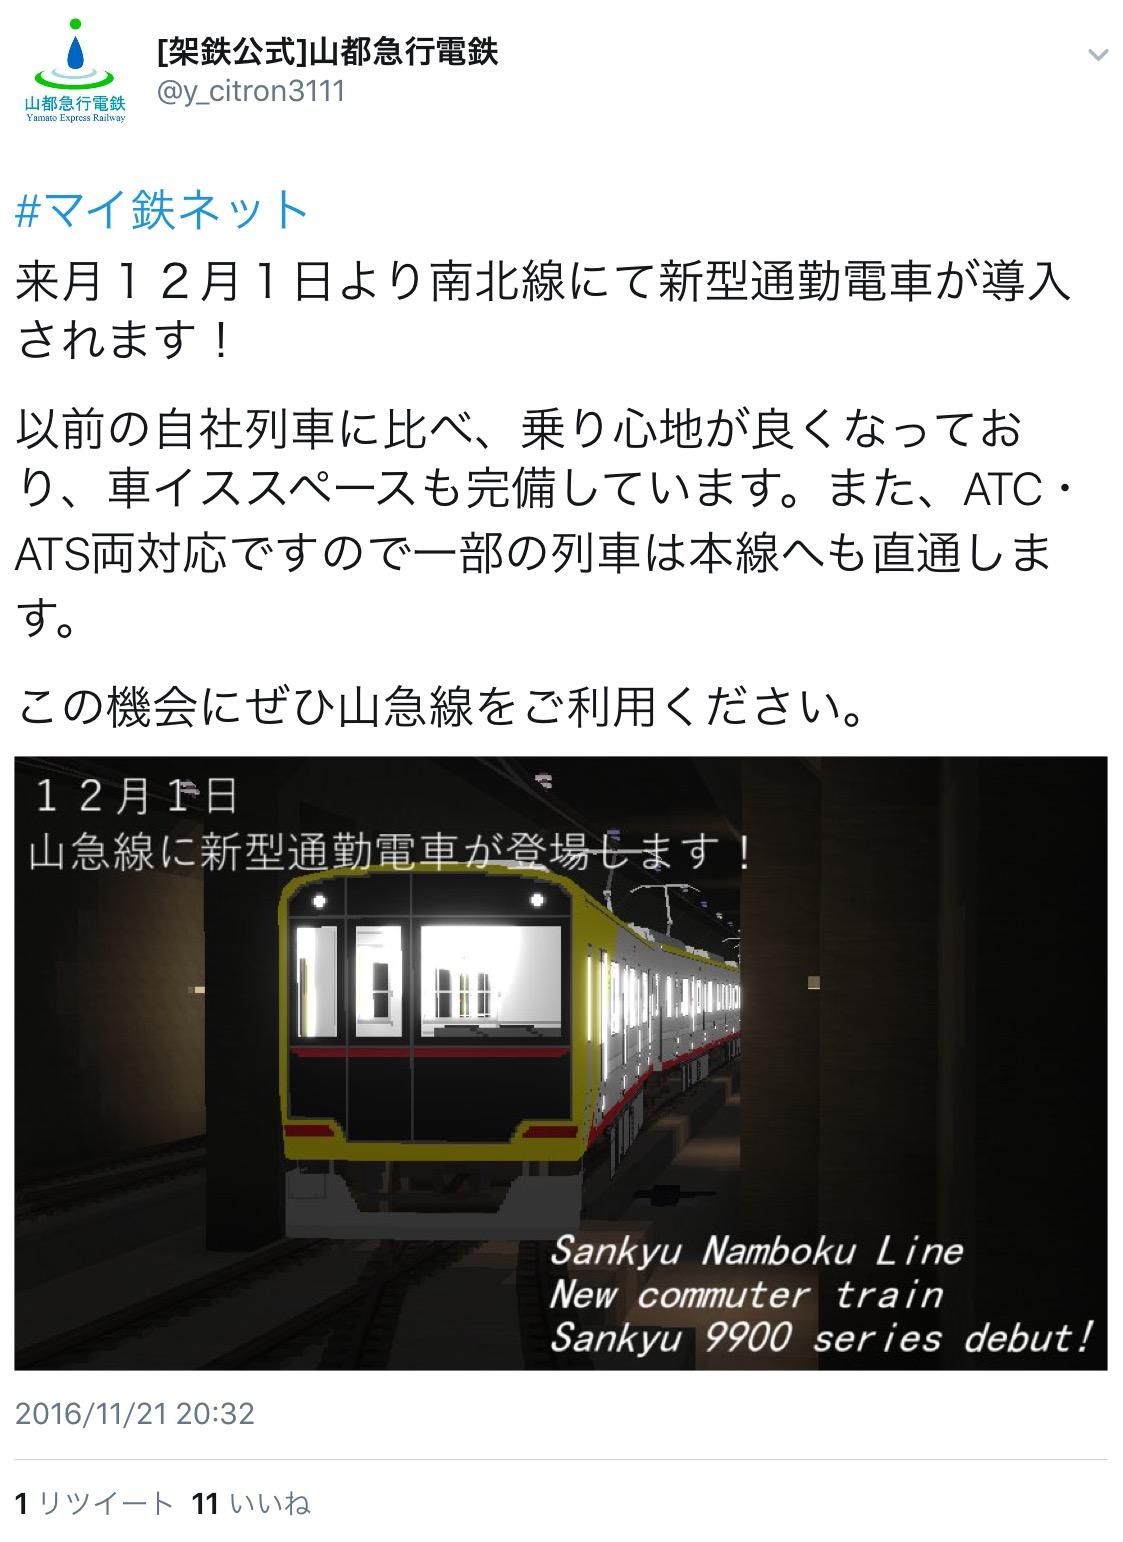 yamato11-21.jpeg